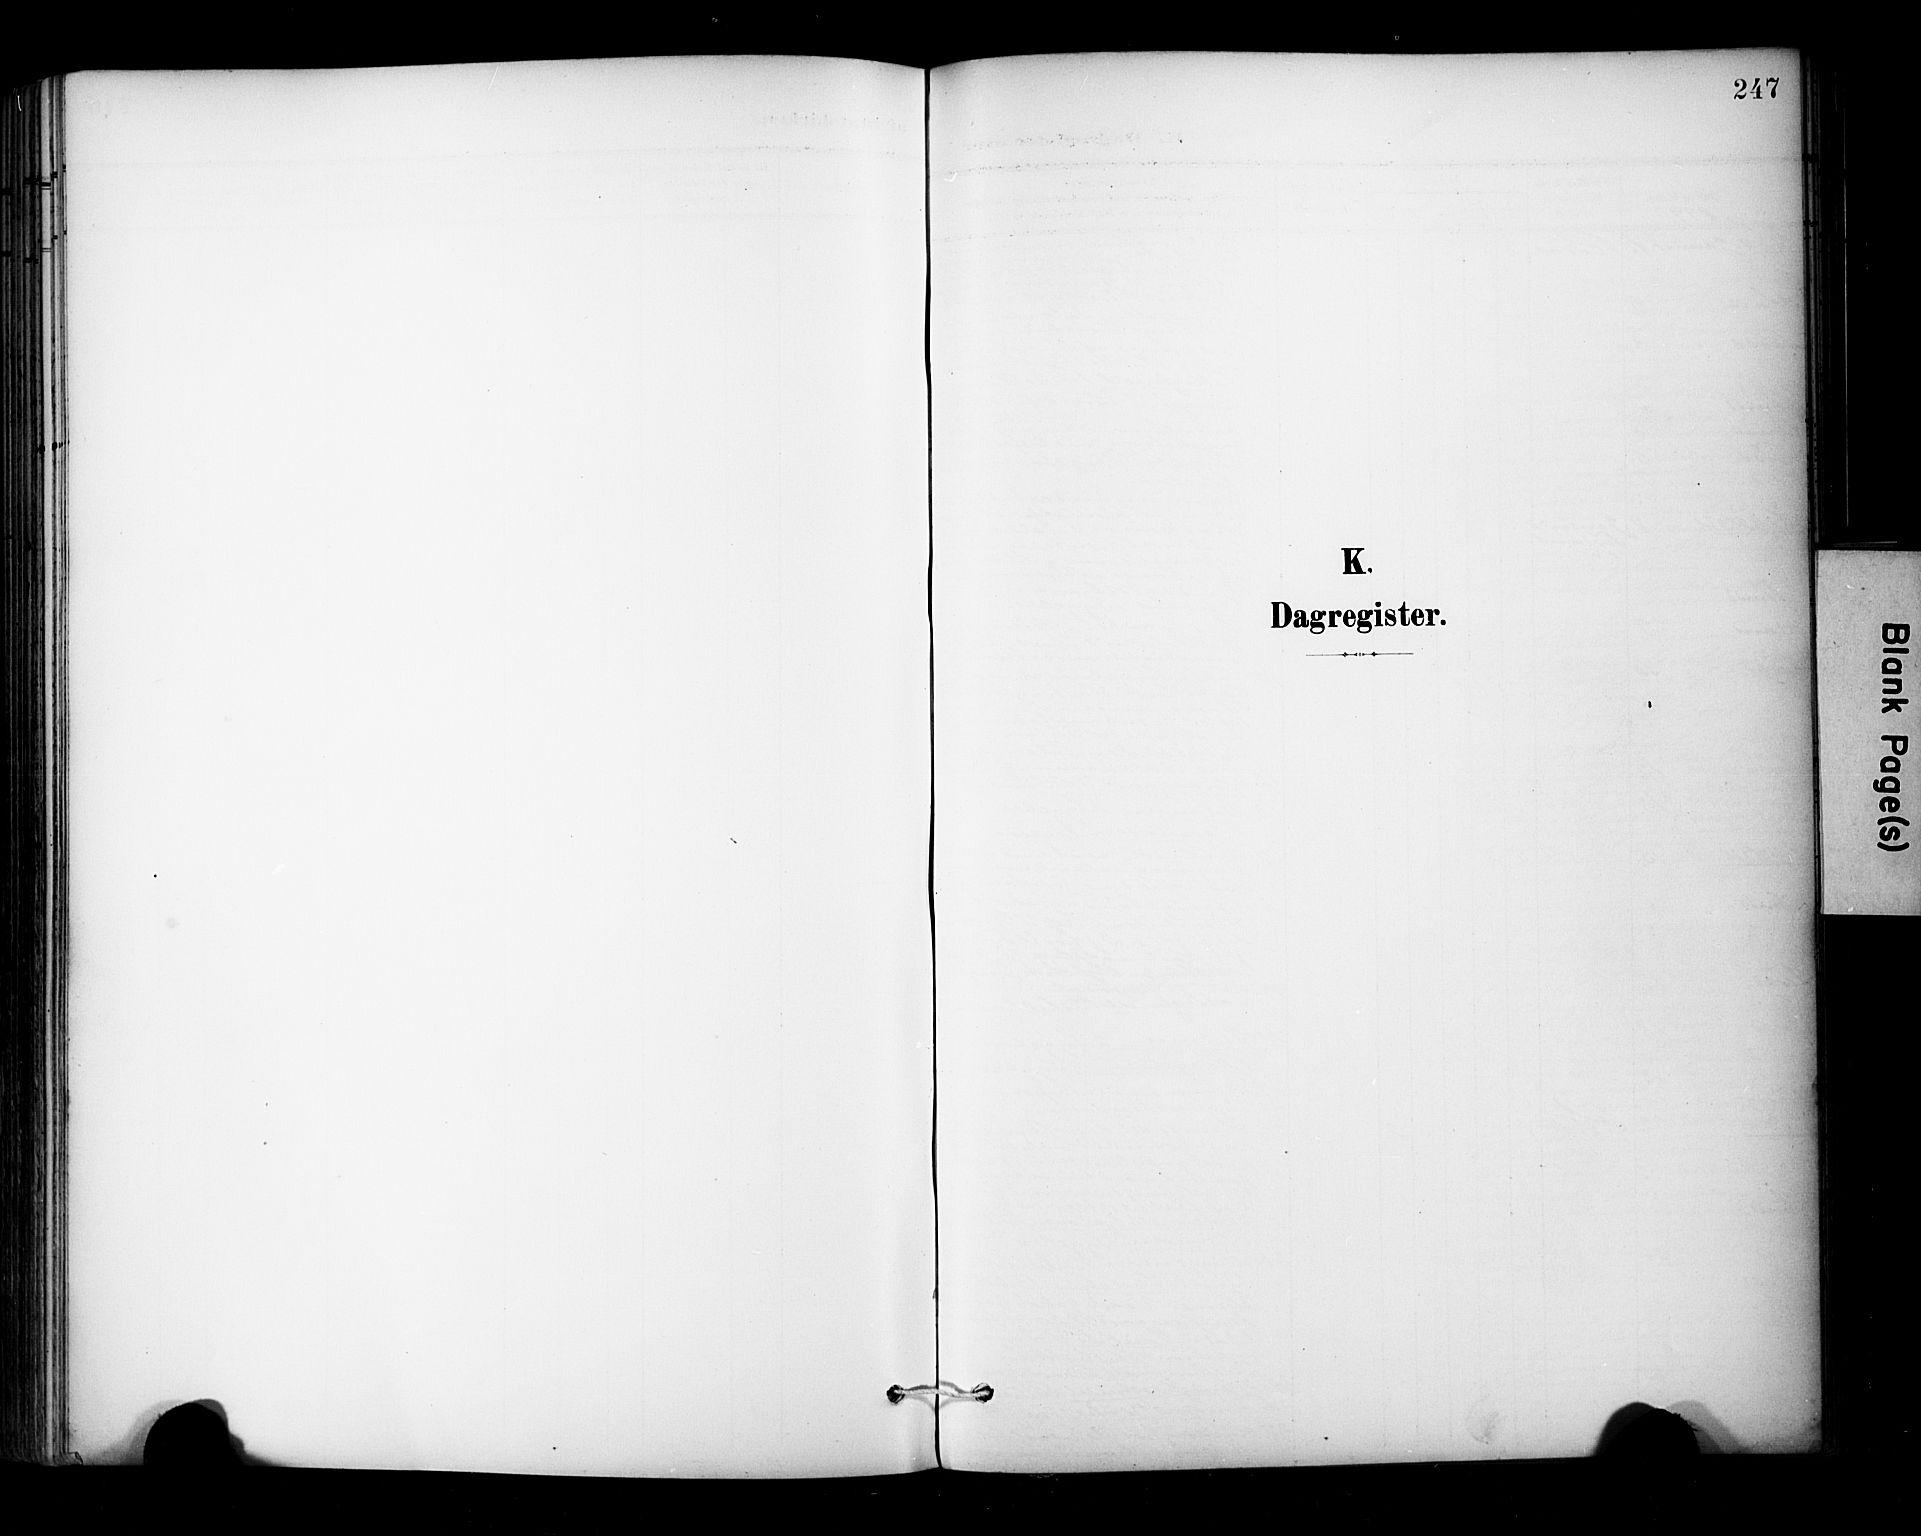 SAT, Ministerialprotokoller, klokkerbøker og fødselsregistre - Sør-Trøndelag, 681/L0936: Ministerialbok nr. 681A14, 1899-1908, s. 247